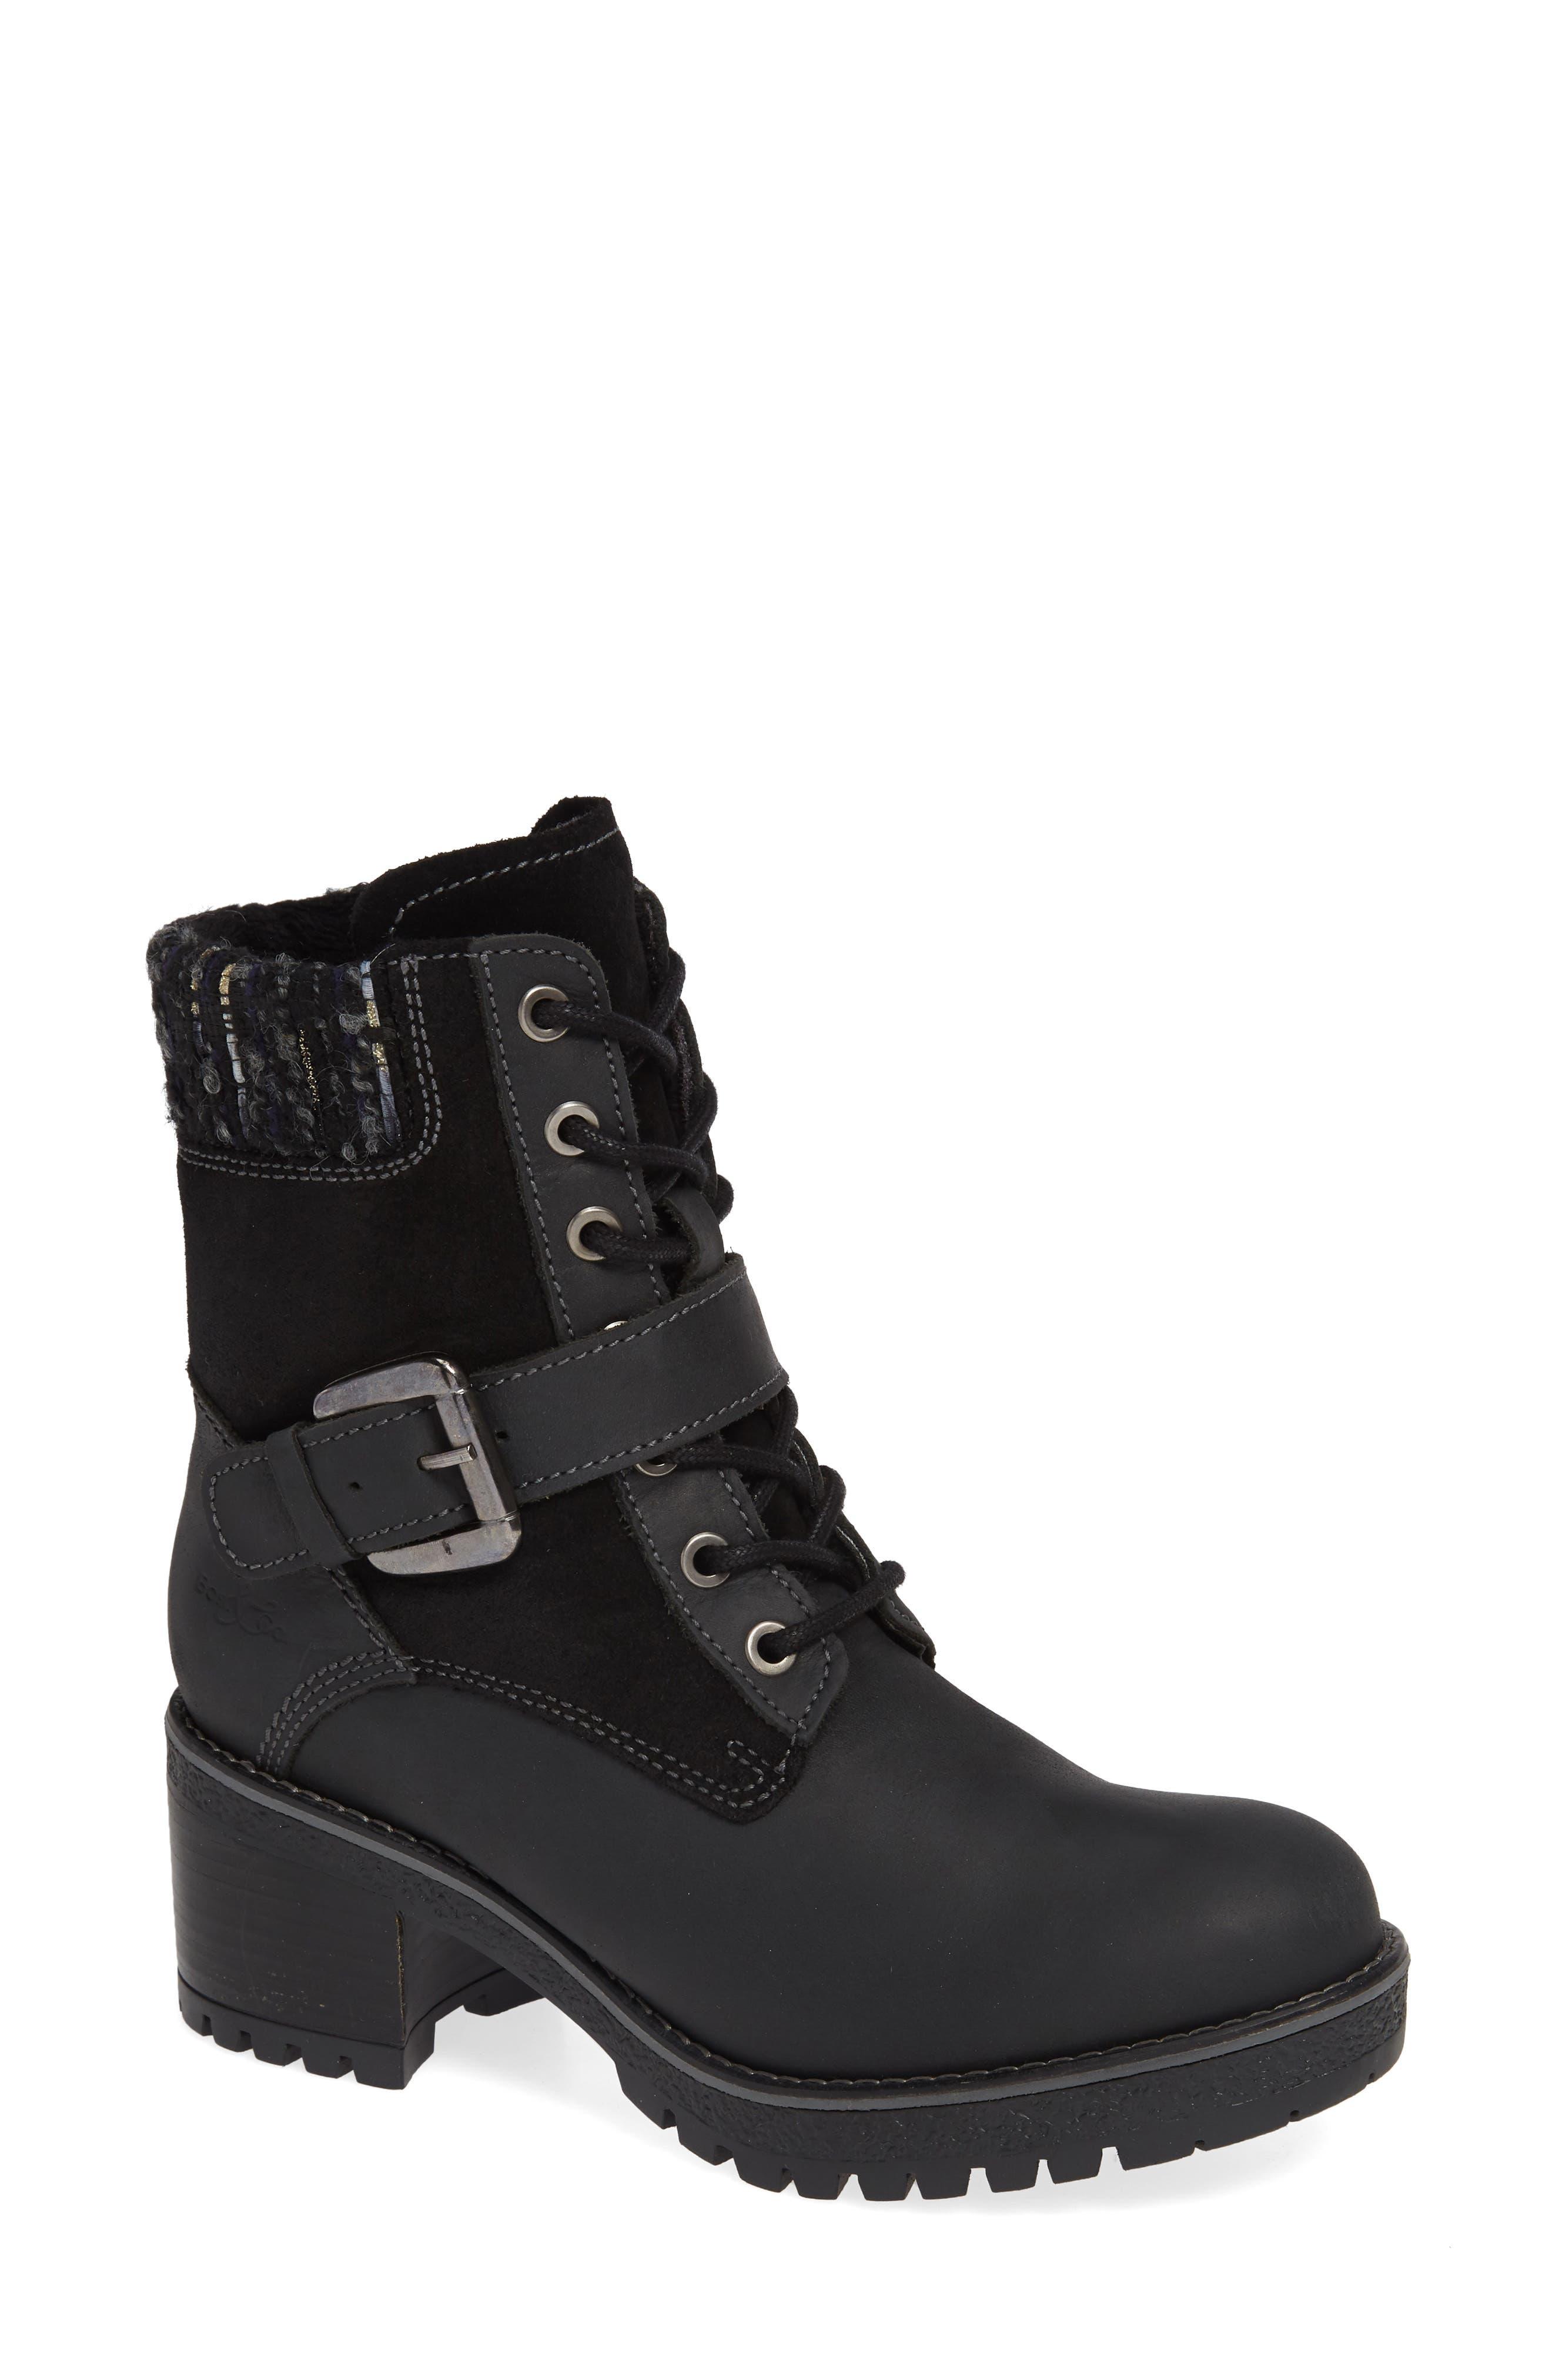 Bos. & Co. Marvel Waterproof Moto Boot - Black